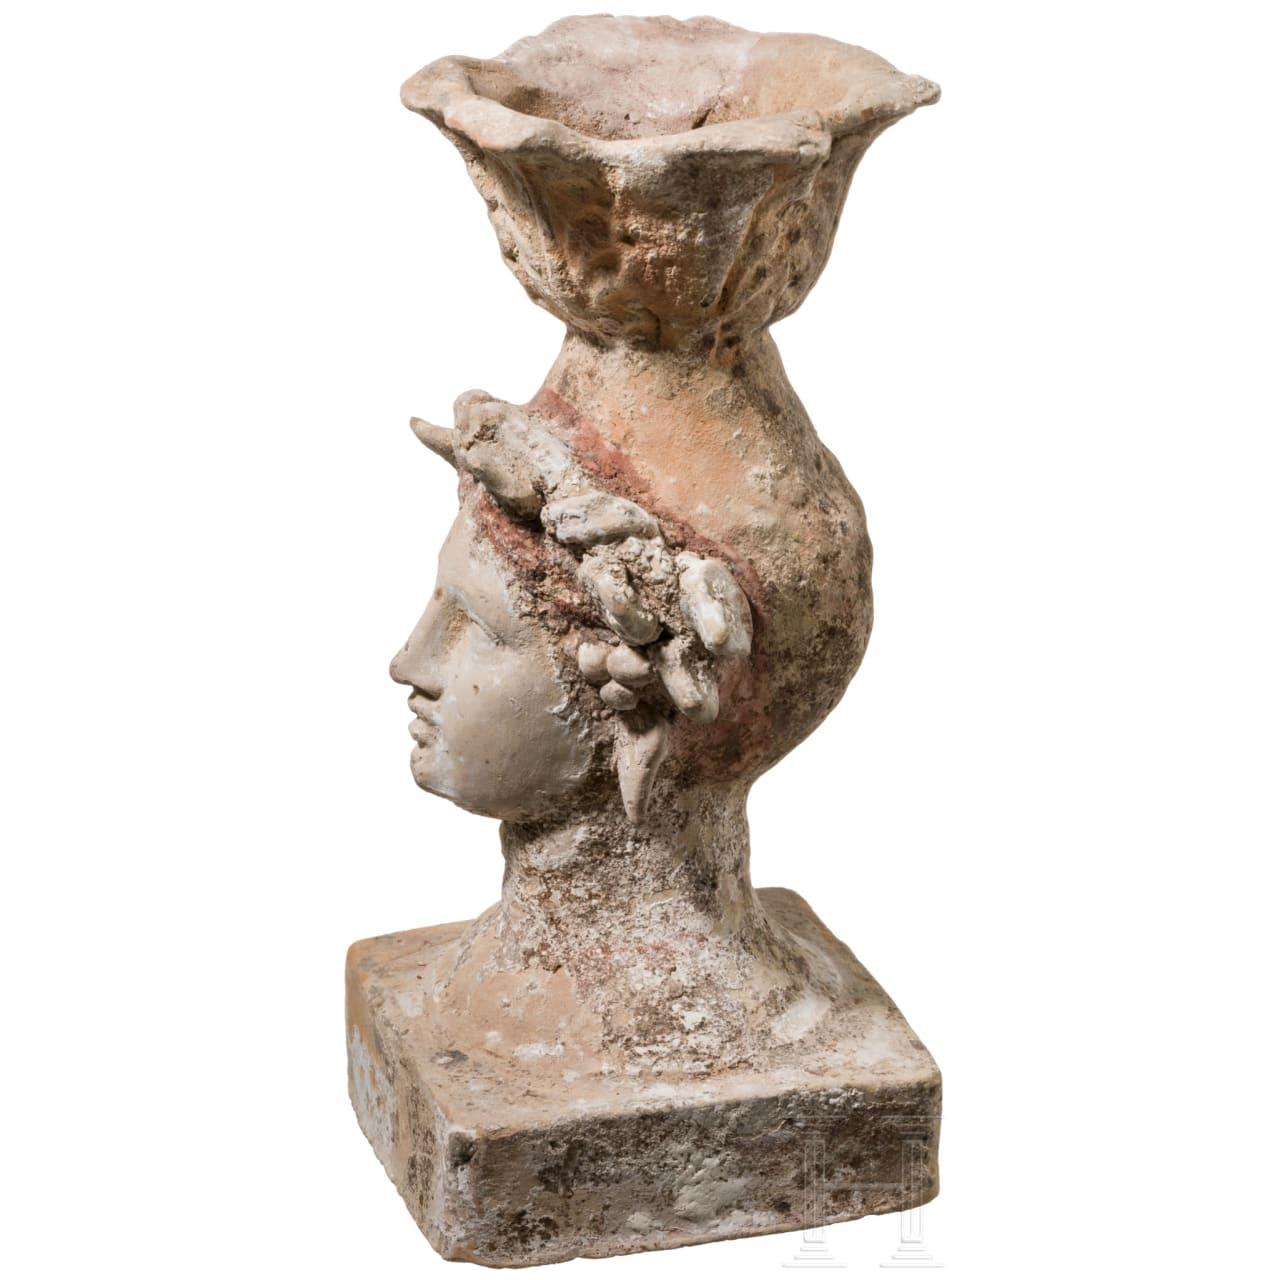 Weihrauchgefäß in Form eines Frauenkopfes, Canosa, Unteritalien, 3. Jhdt. v. Chr.